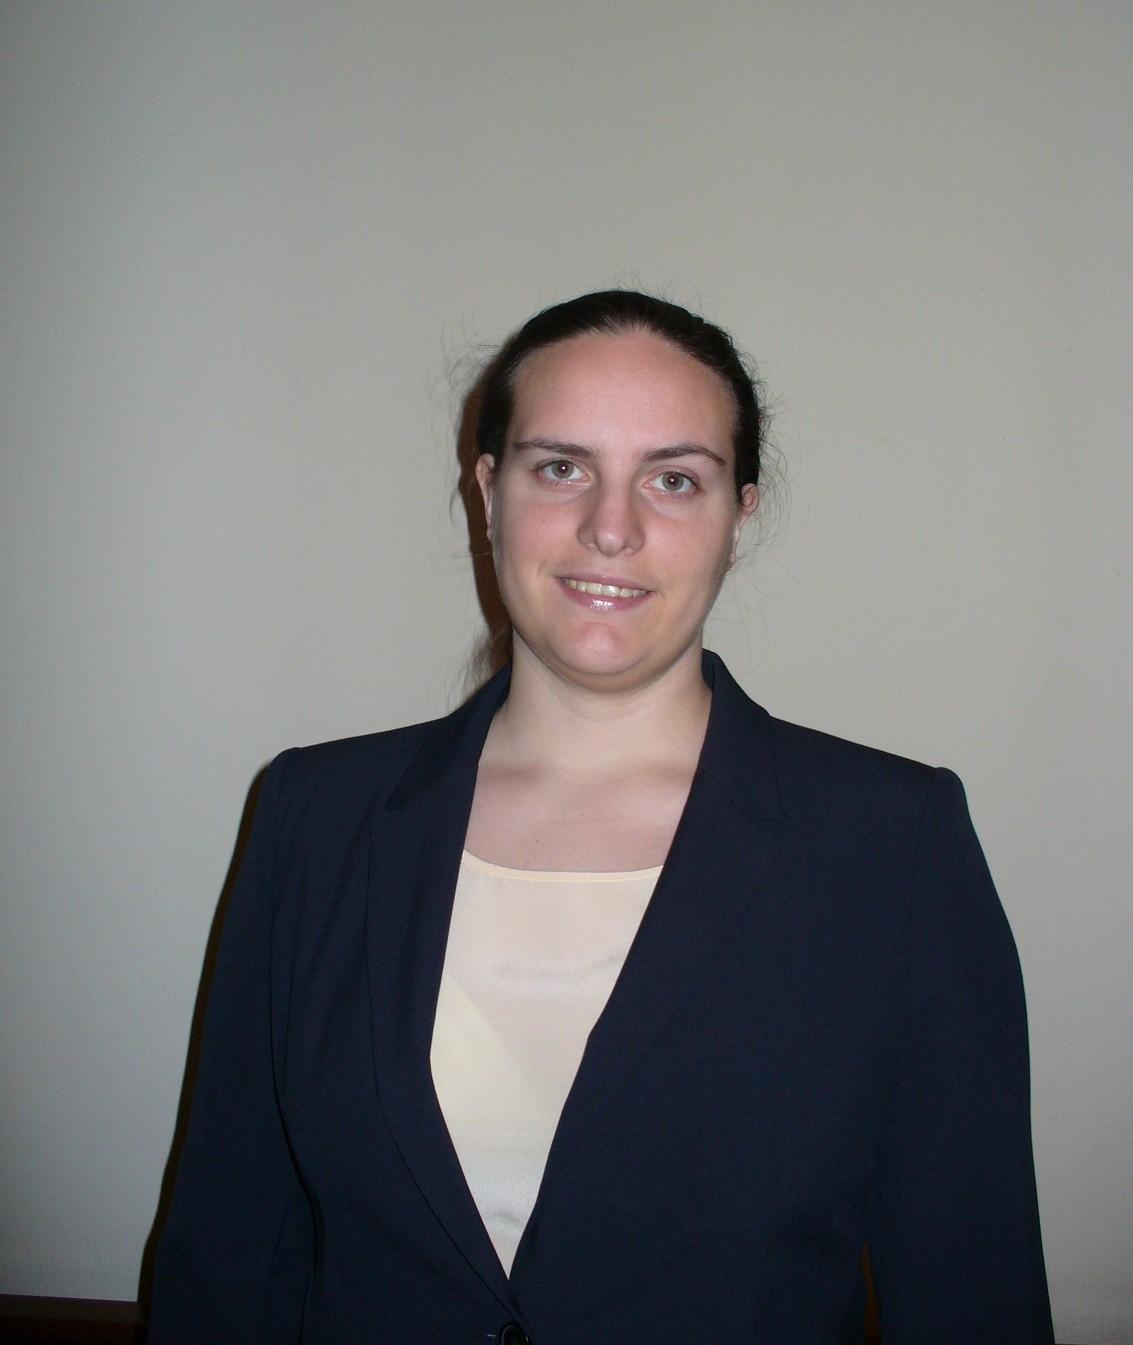 Anna Maria Mazzini - Responsabile Marketing di Infojobs